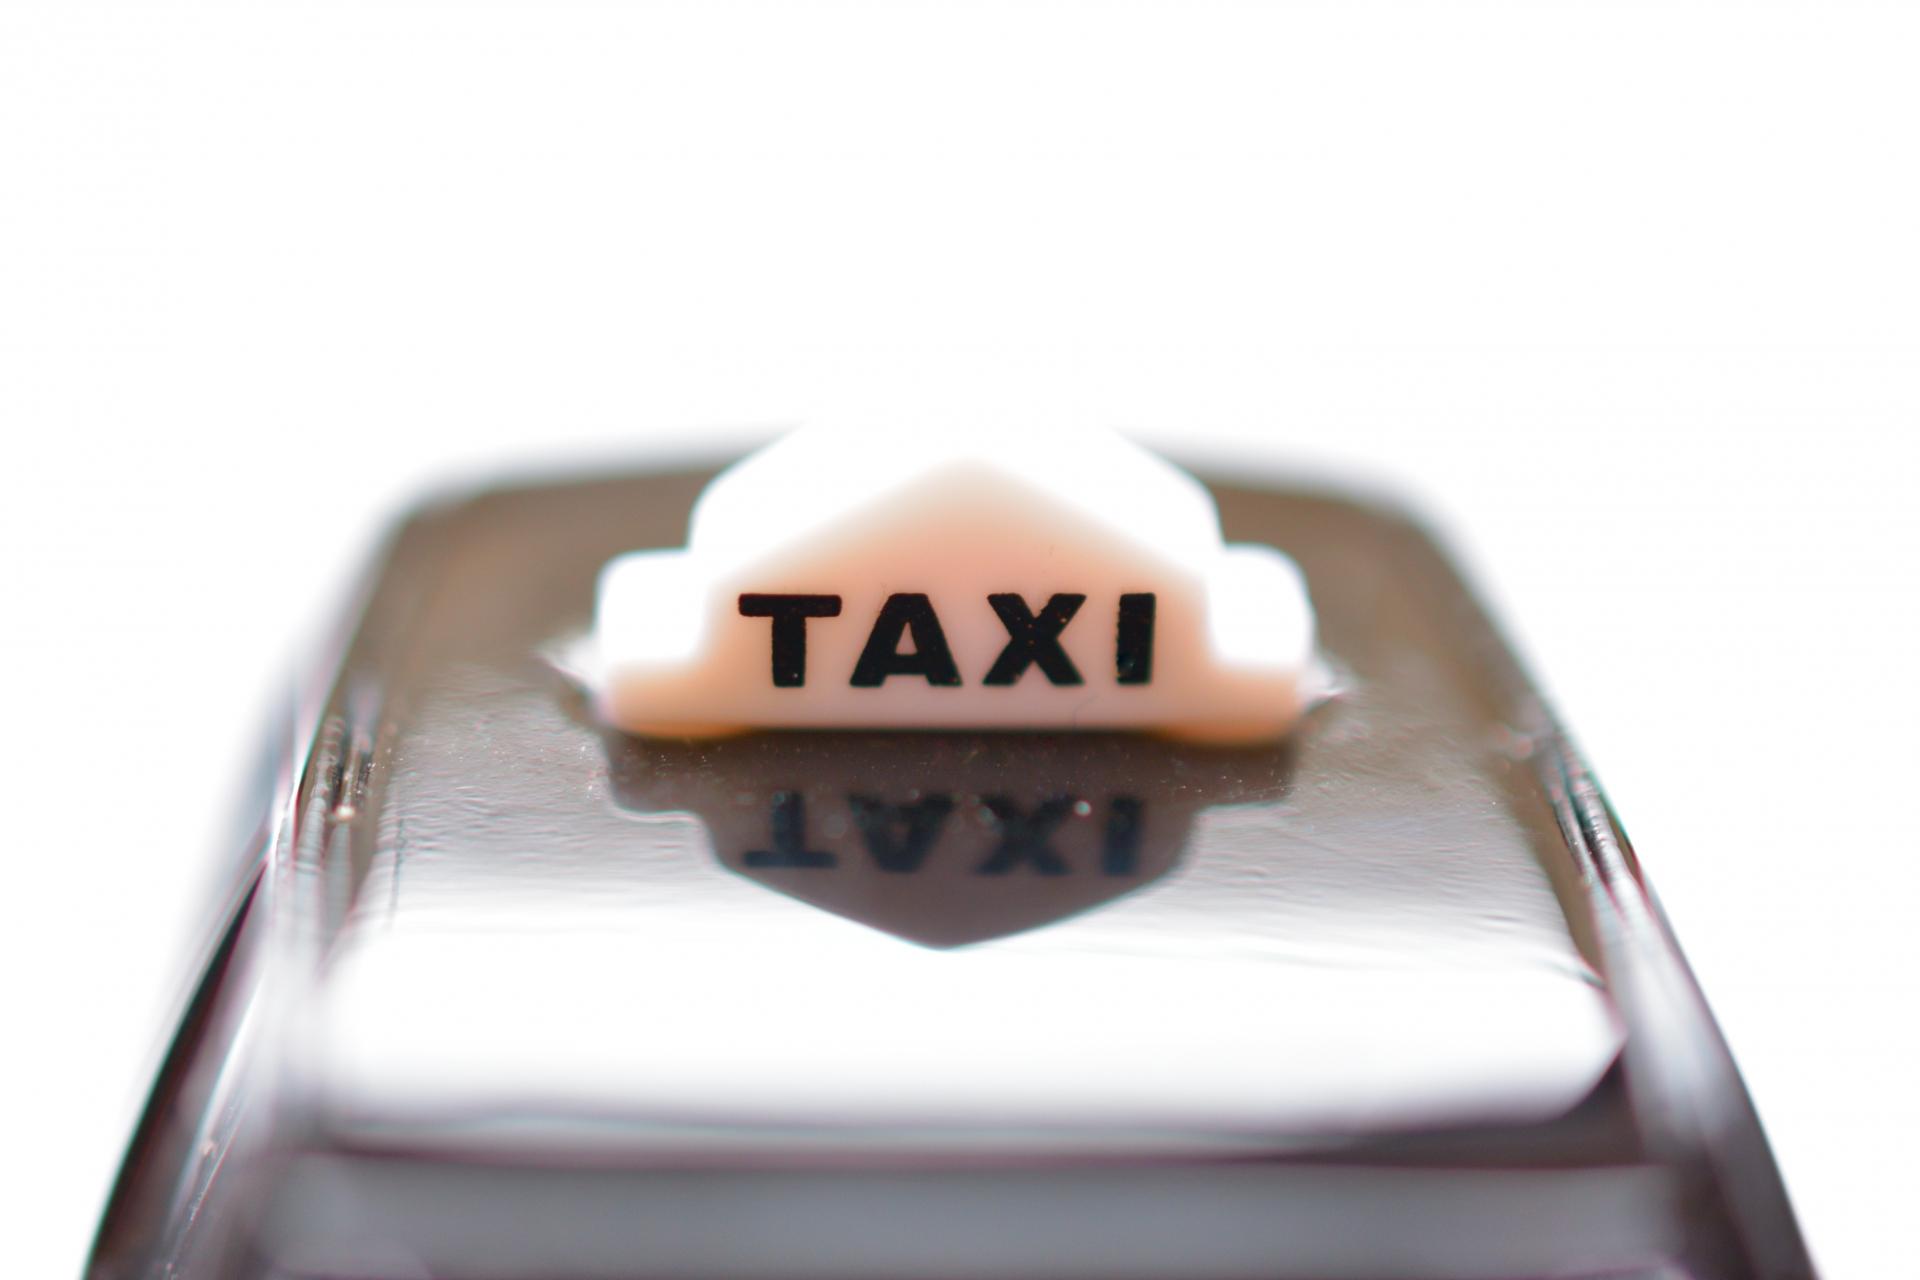 タクシーとの交通事故に遭ったときの示談・慰謝料